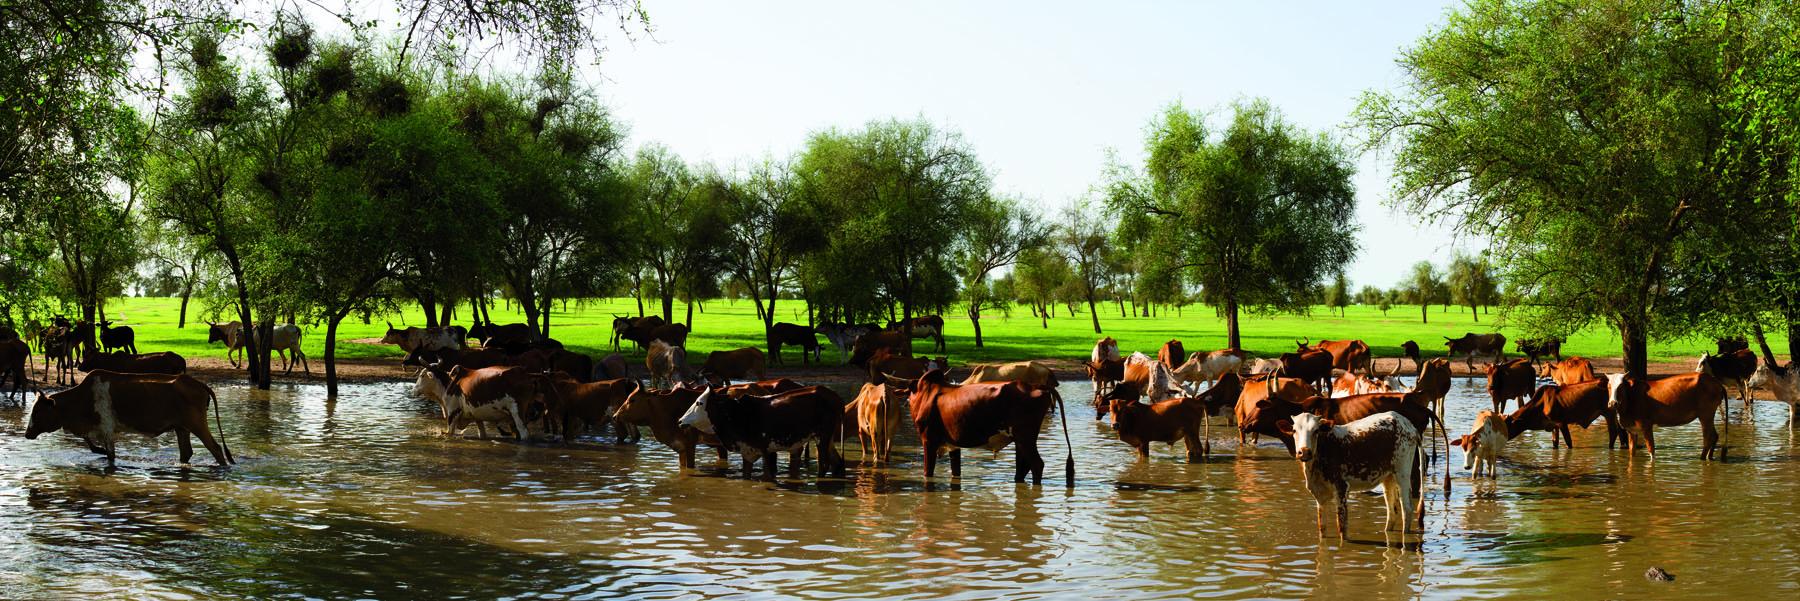 Panorama bétail